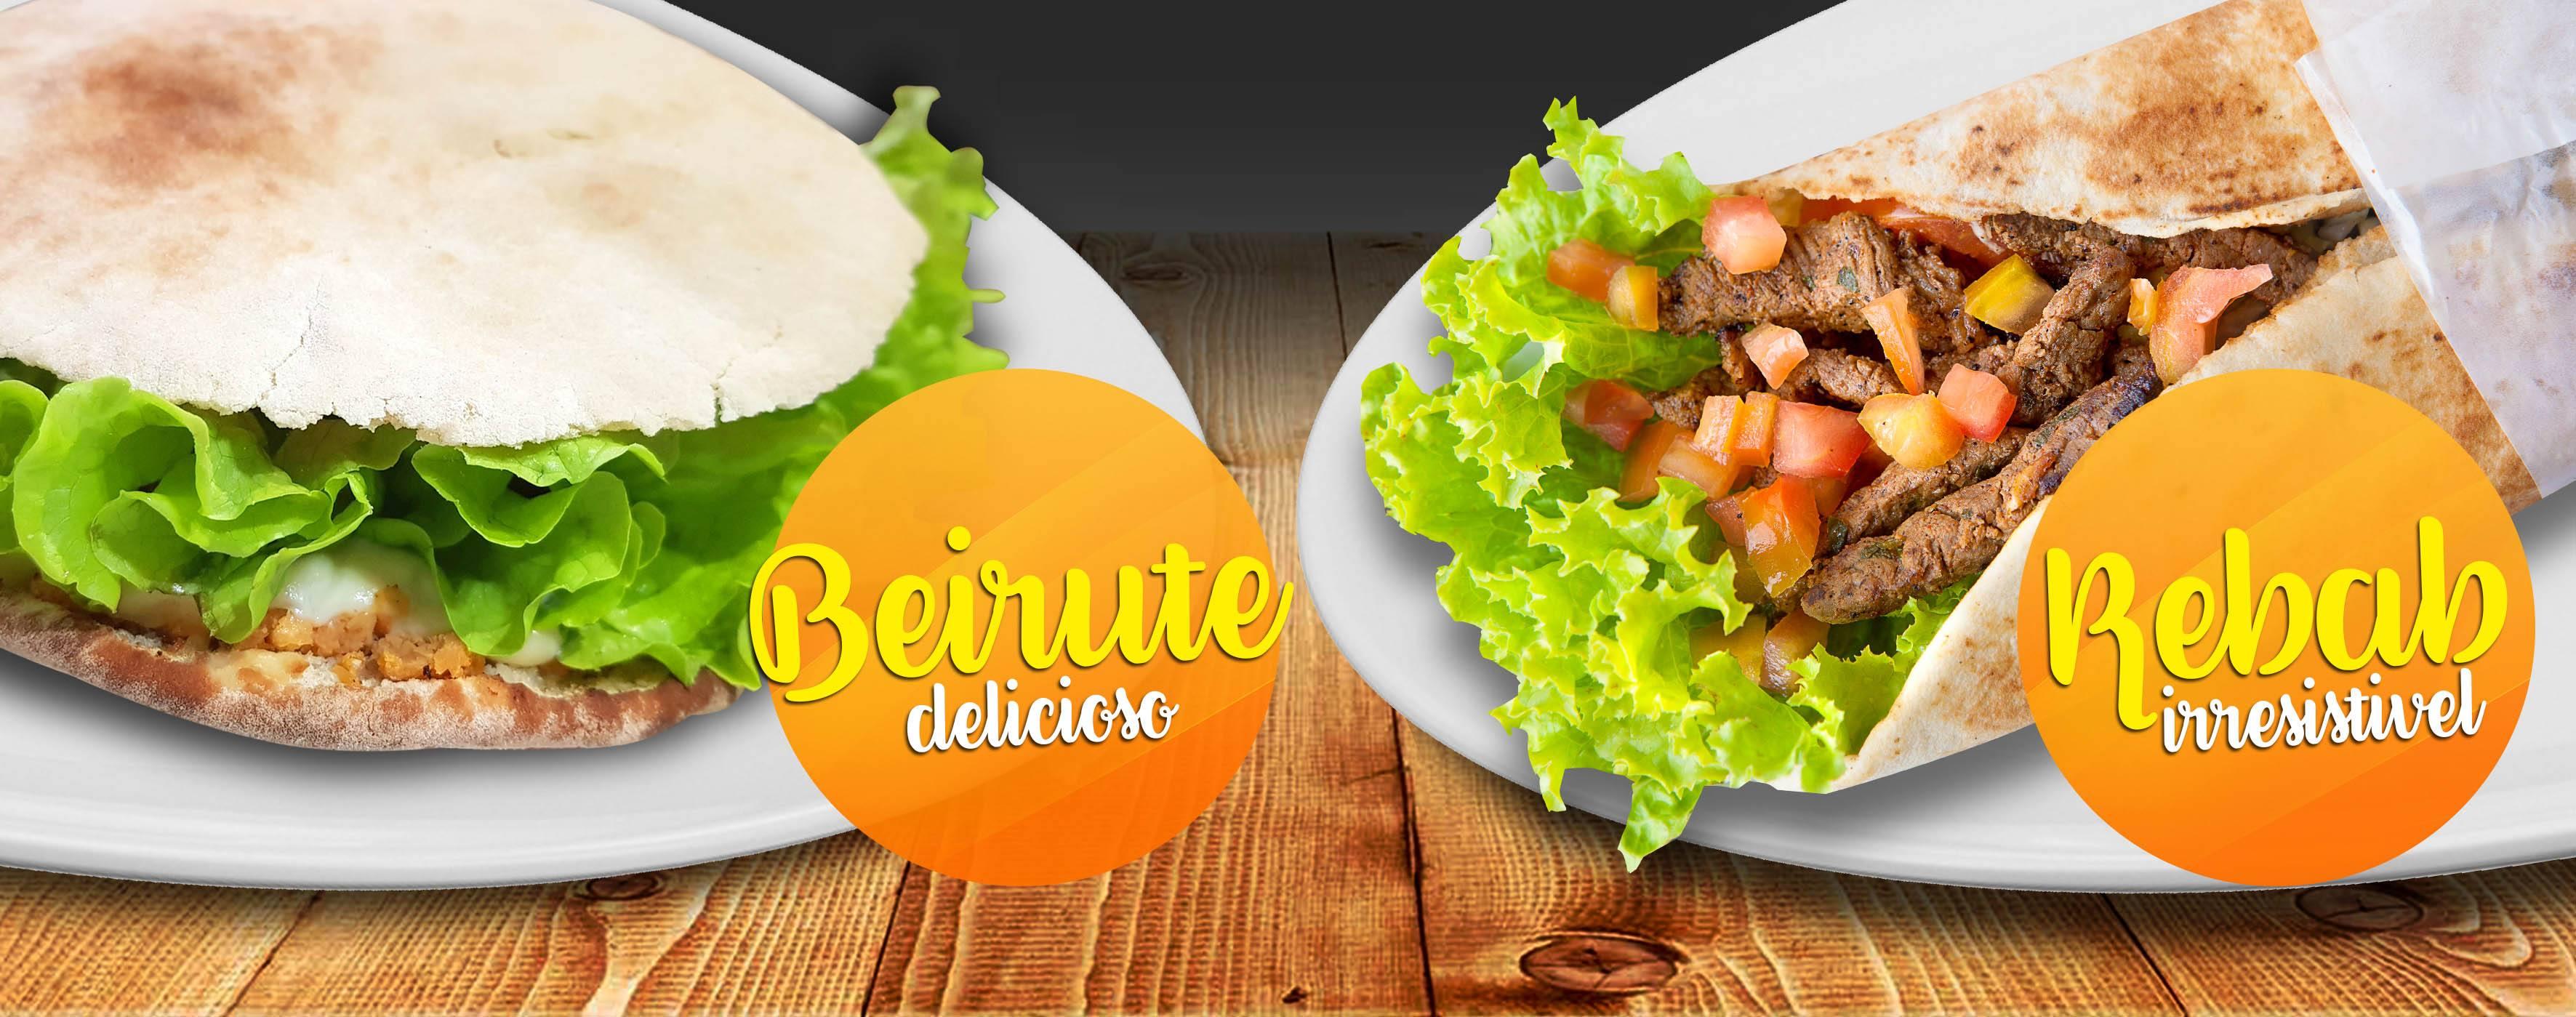 Beirute e Kebab